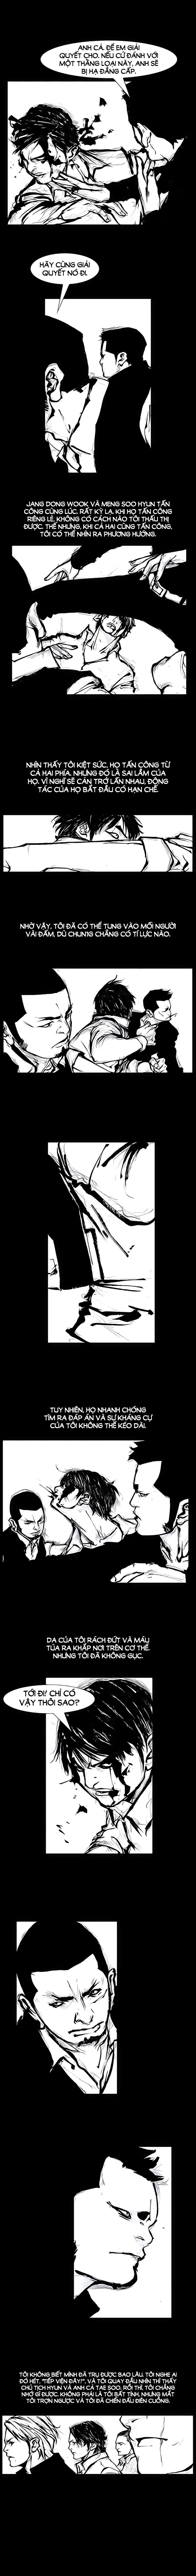 Máu Nhuốm Giang Hồ | Blood Rain chap 65 - Trang 10